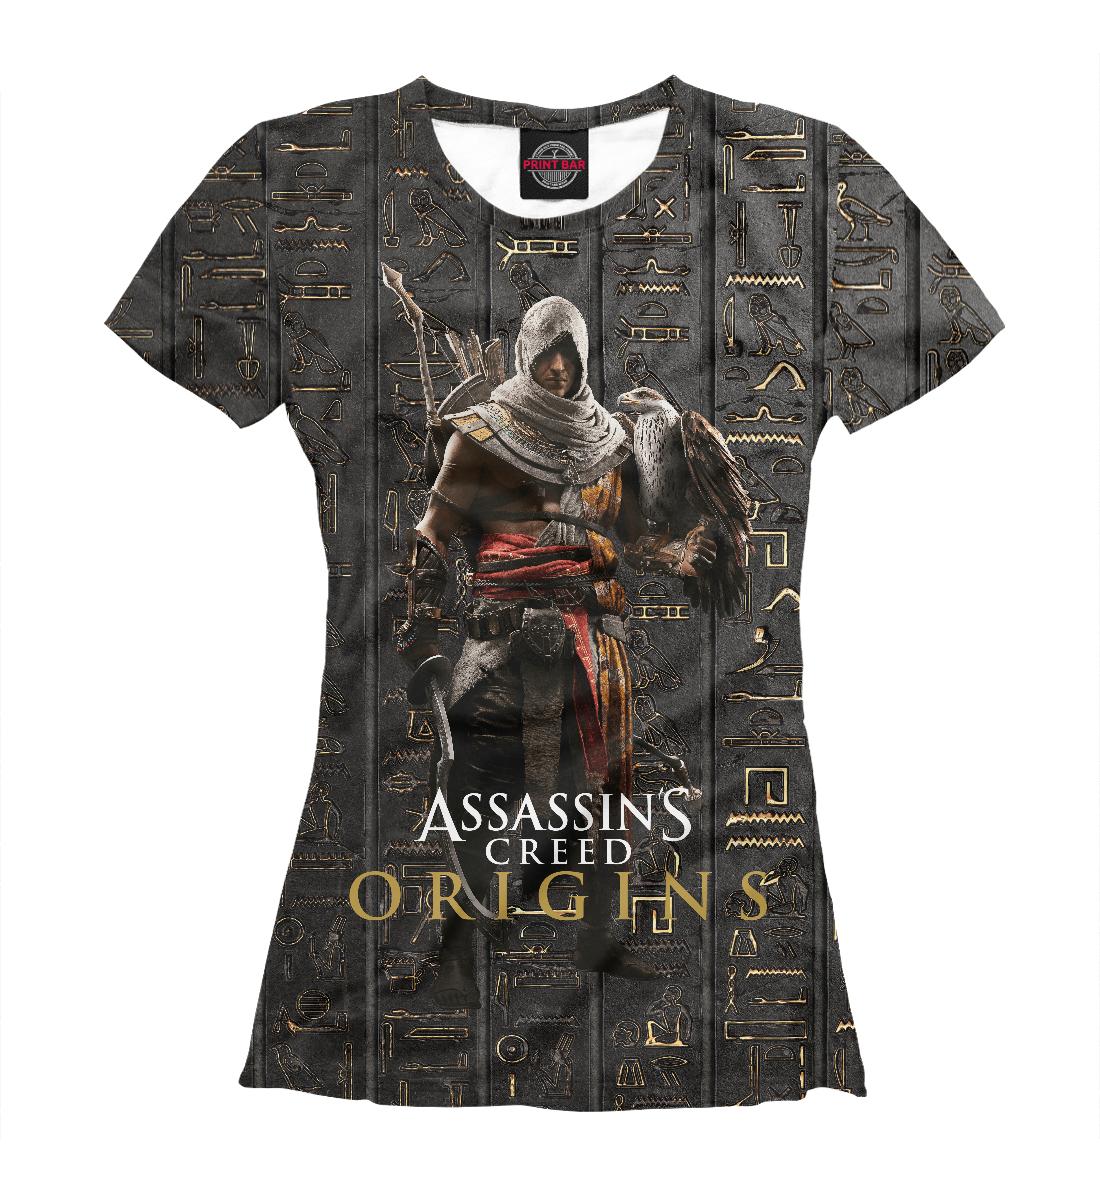 Купить Assassin's Creed Origins, Printbar, Футболки, ANC-943257-fut-1